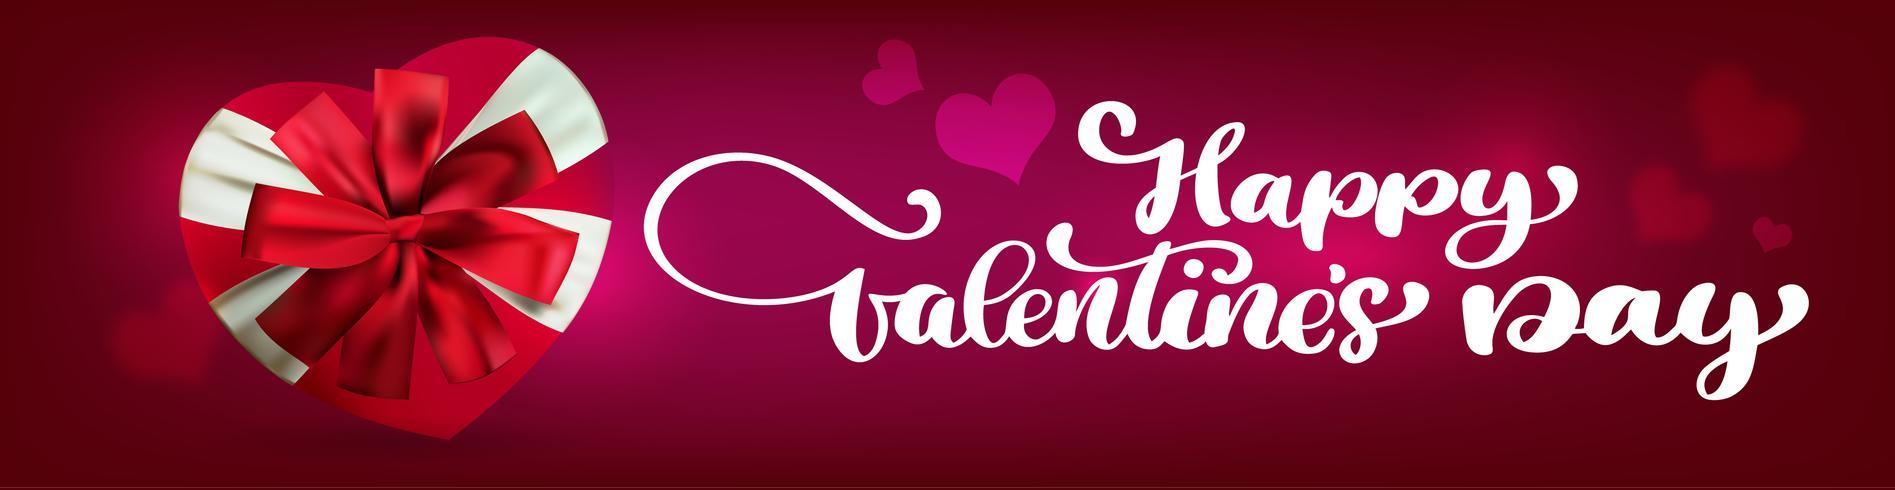 Texthandschrift glückliche Valentinsgrußtagesfahnen vektor